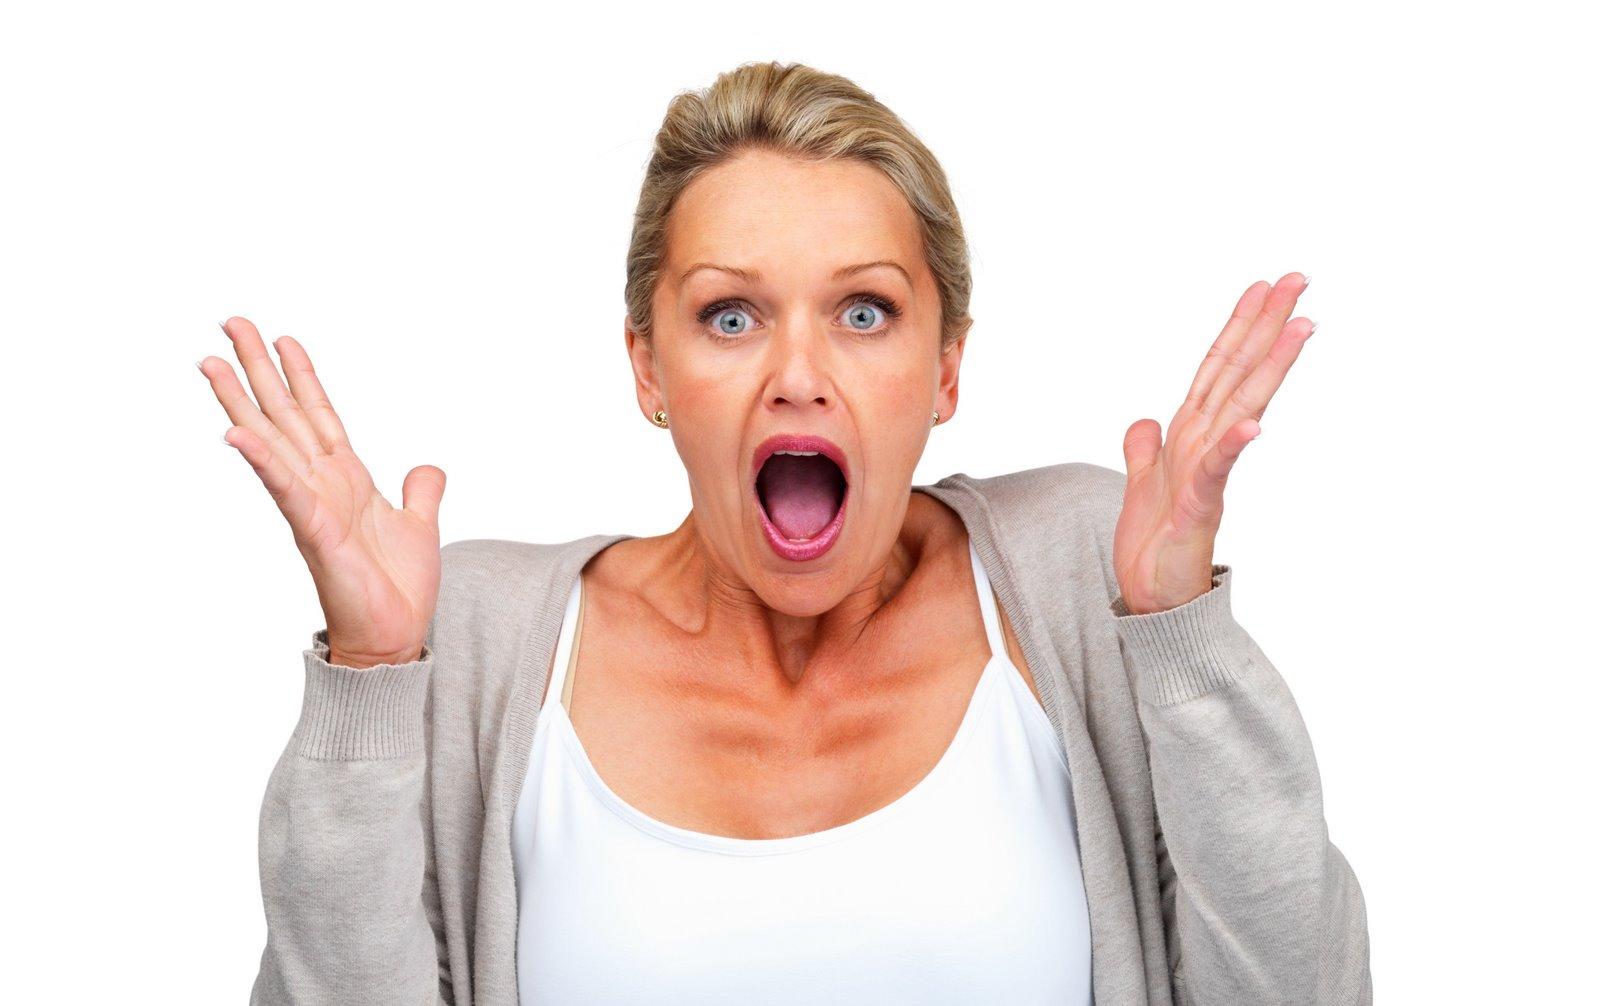 Сухость глаз может свидетельствовать о менопаузе